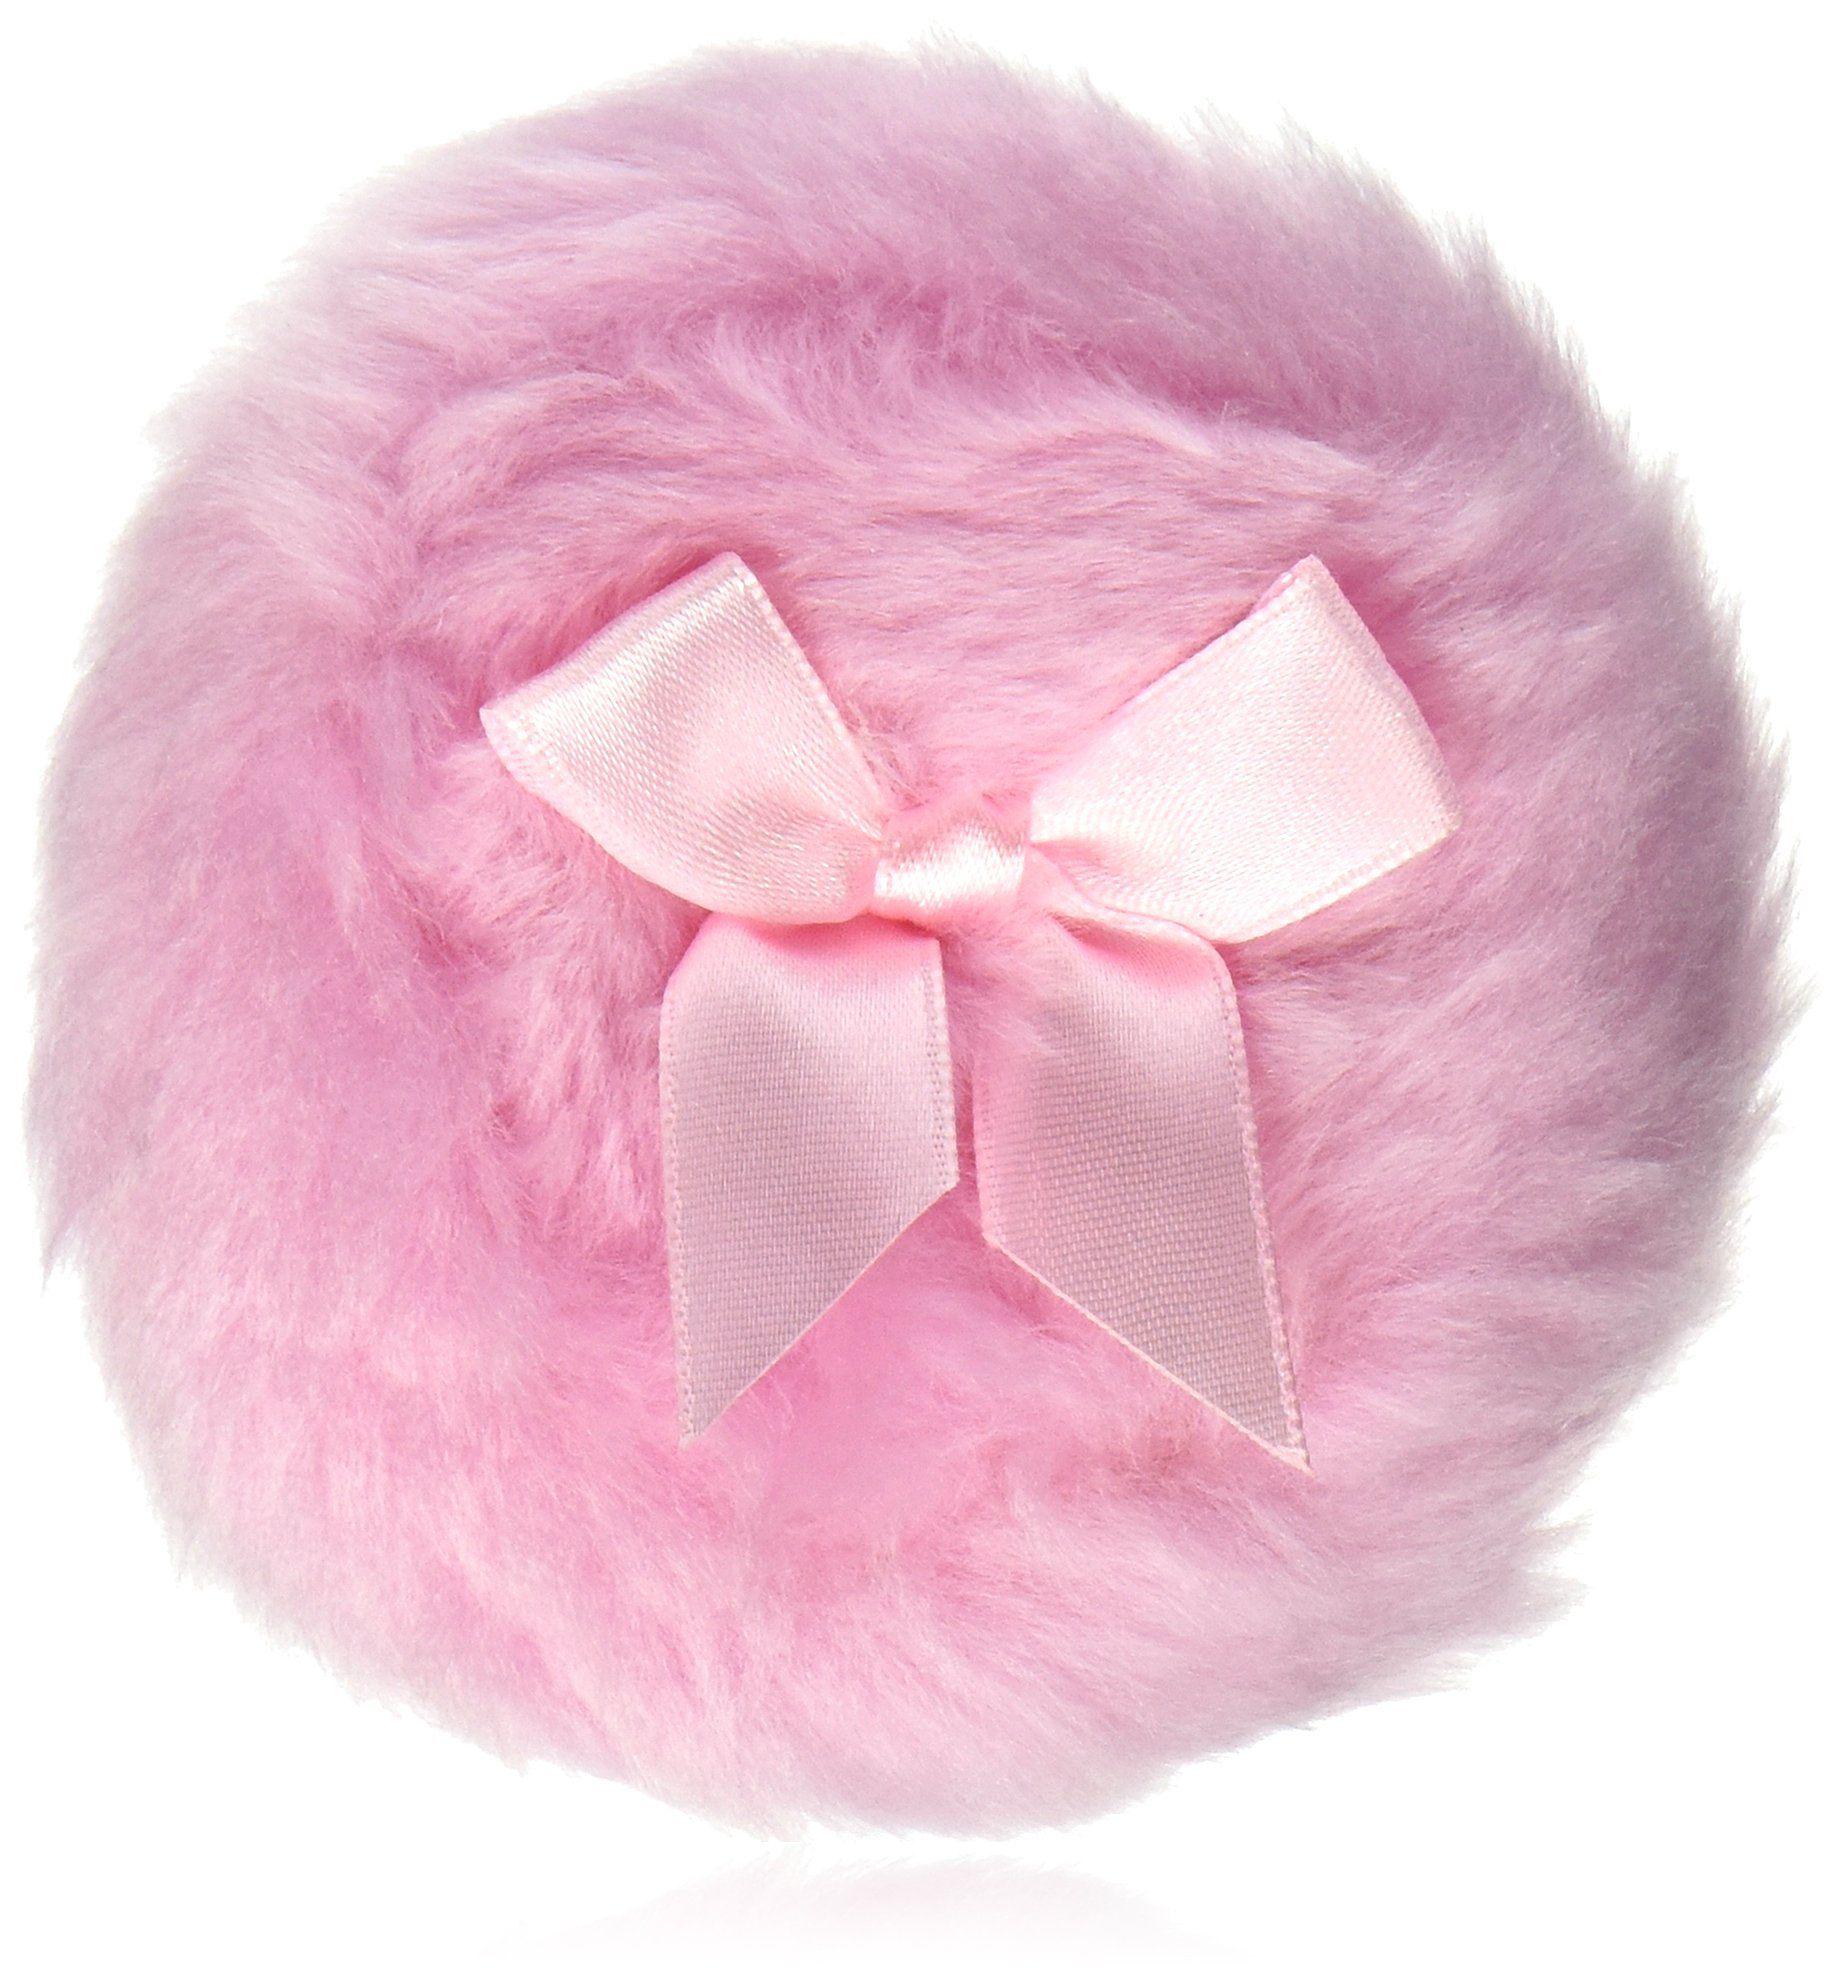 """Diane 3.5"""" Powder Puff. Soft powder puff. Large size. Pink"""